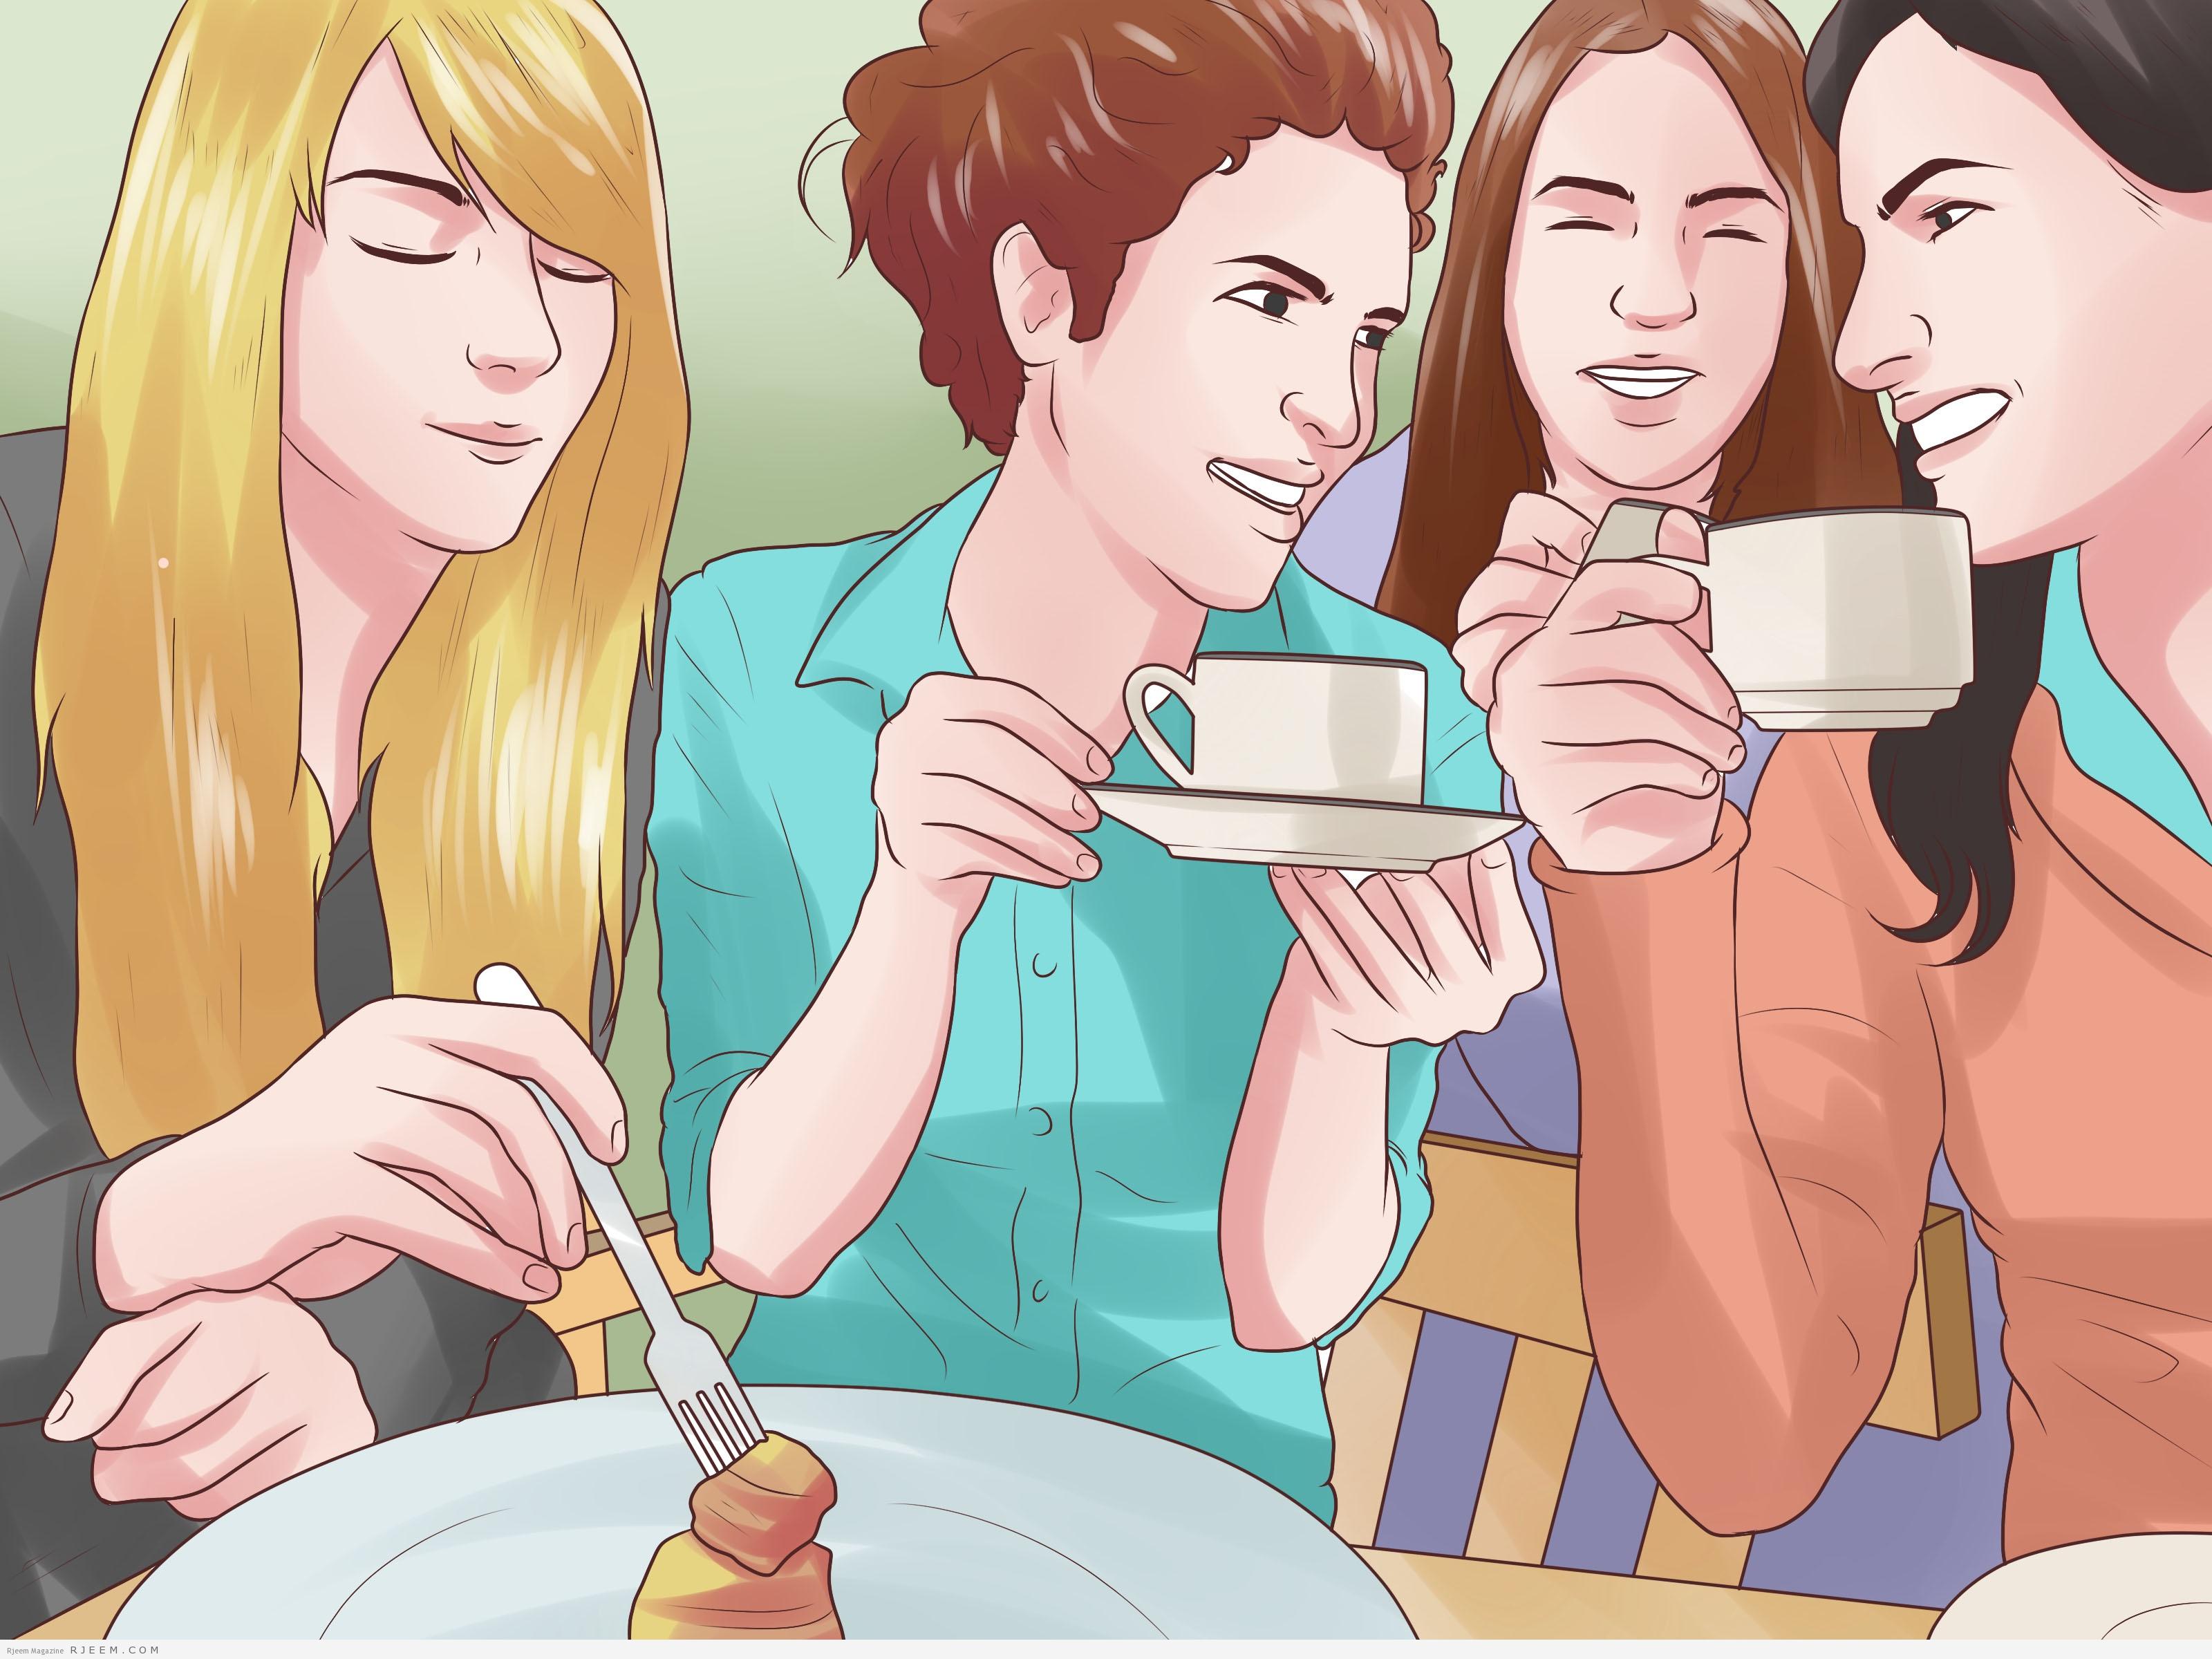 6 نصائح للحصول على السعادة الحقيقية